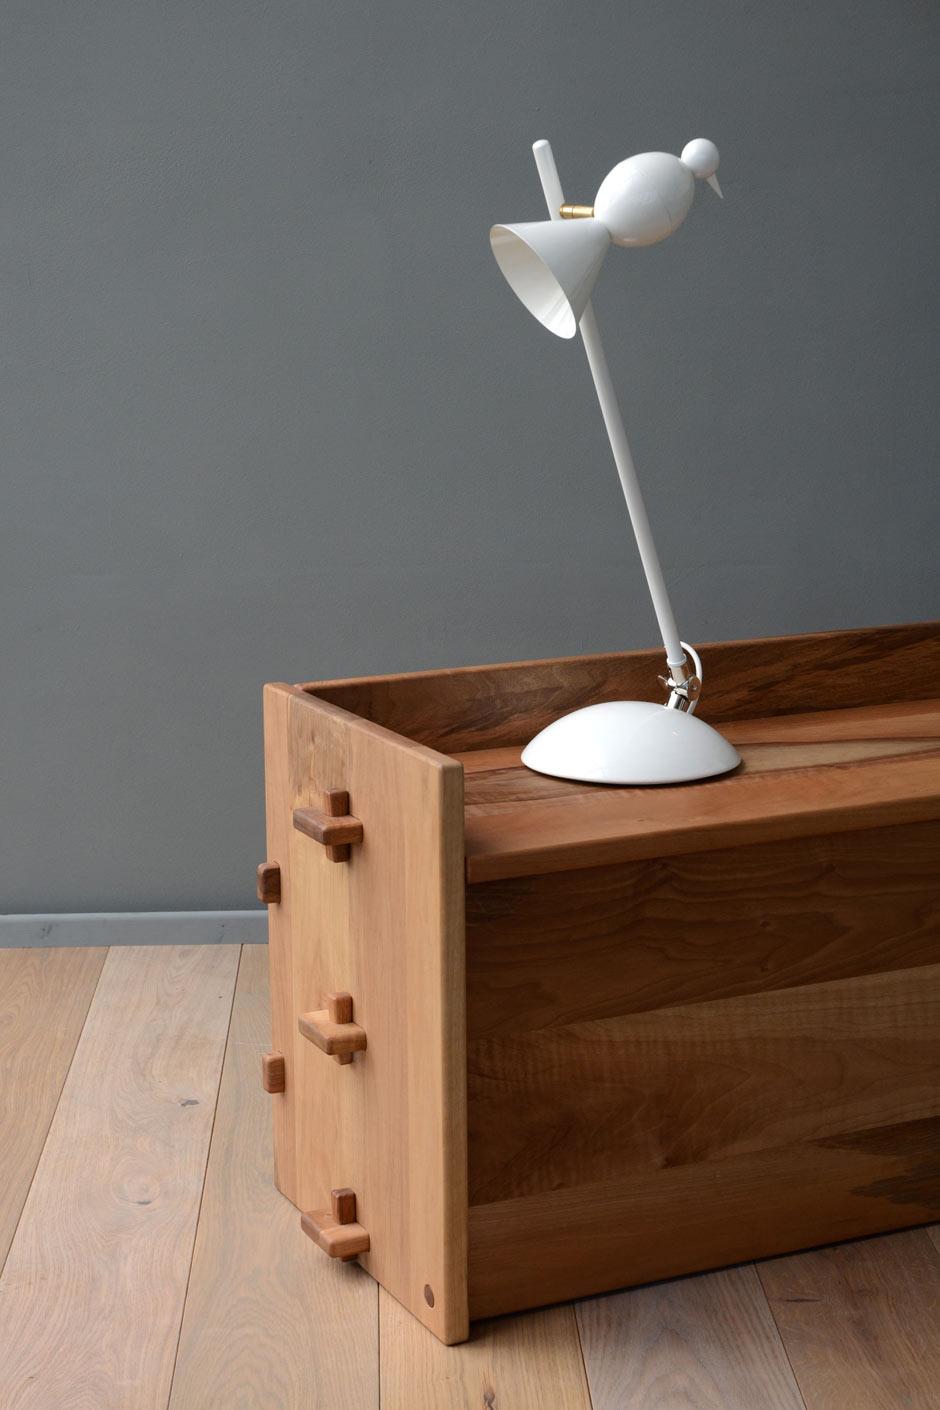 Lampe de bureau design blanche Alouette inclinable. Atelier Areti.